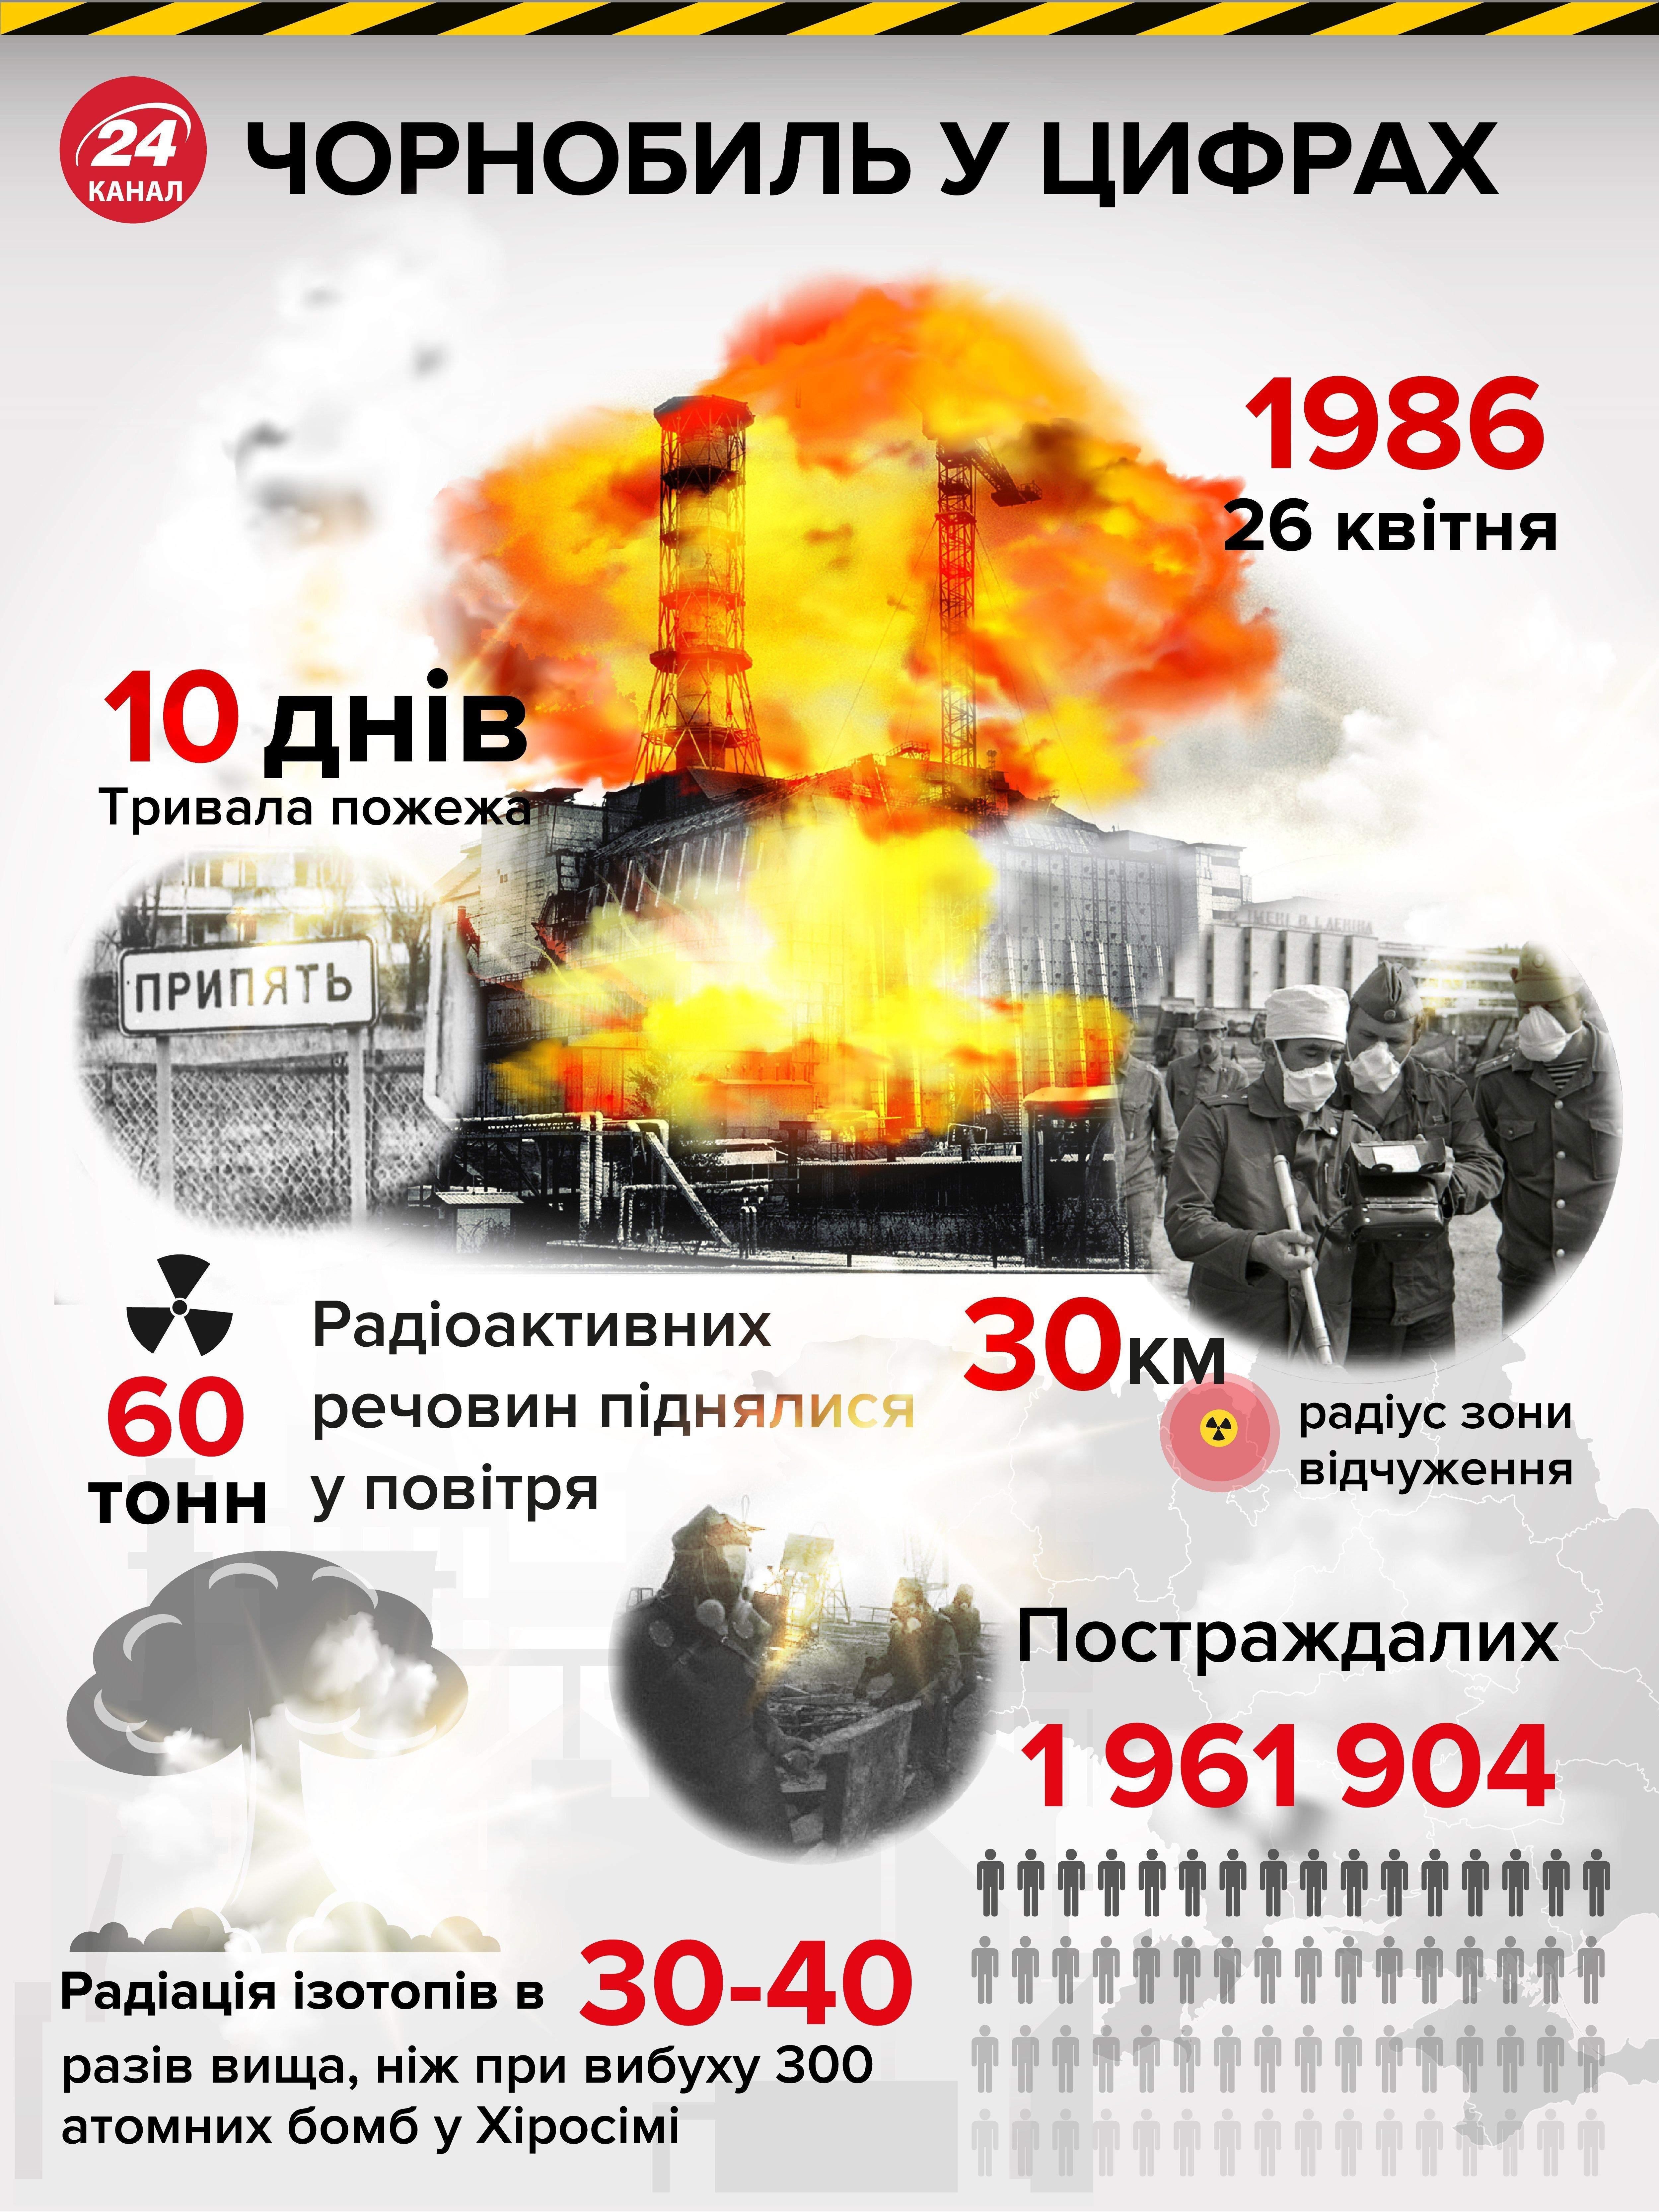 чорнобиль аварія у чорнобилі чаес